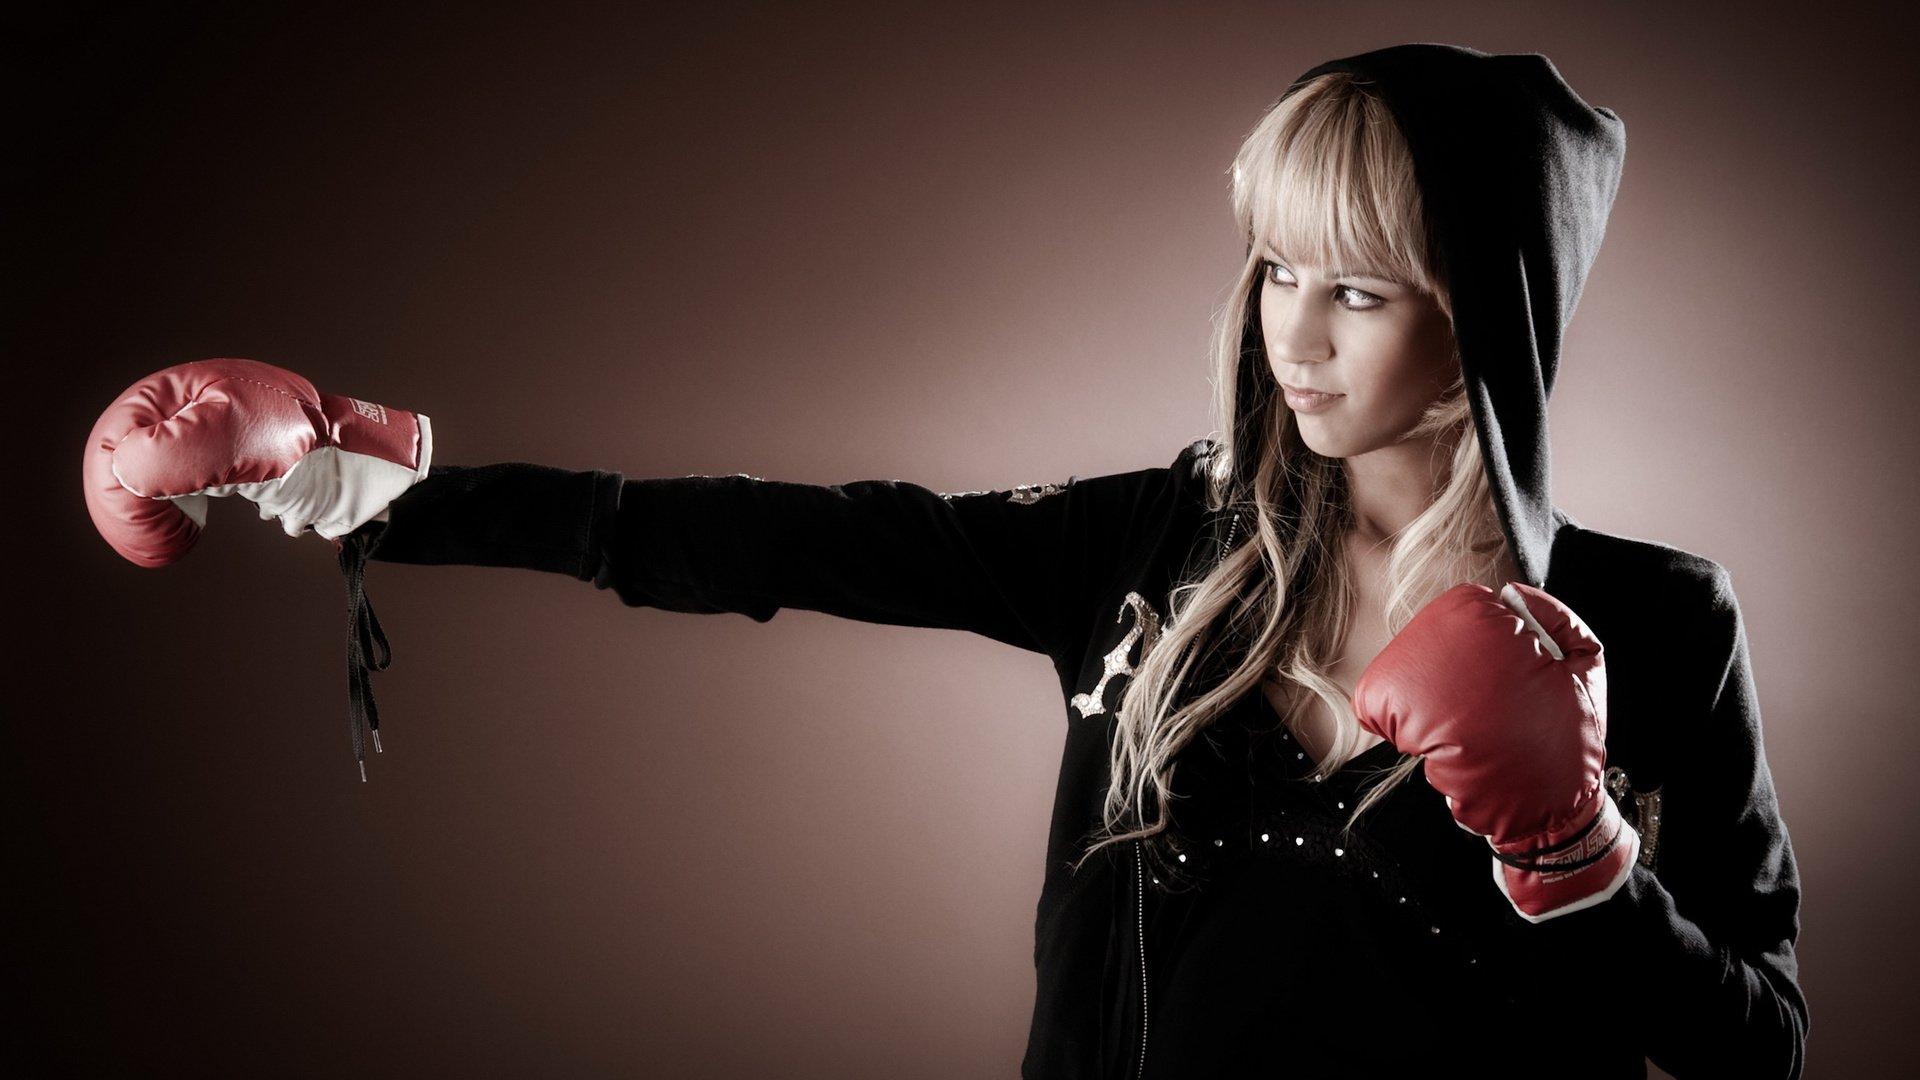 Фотосессия девушки в боксерских перчатках 10 фотография